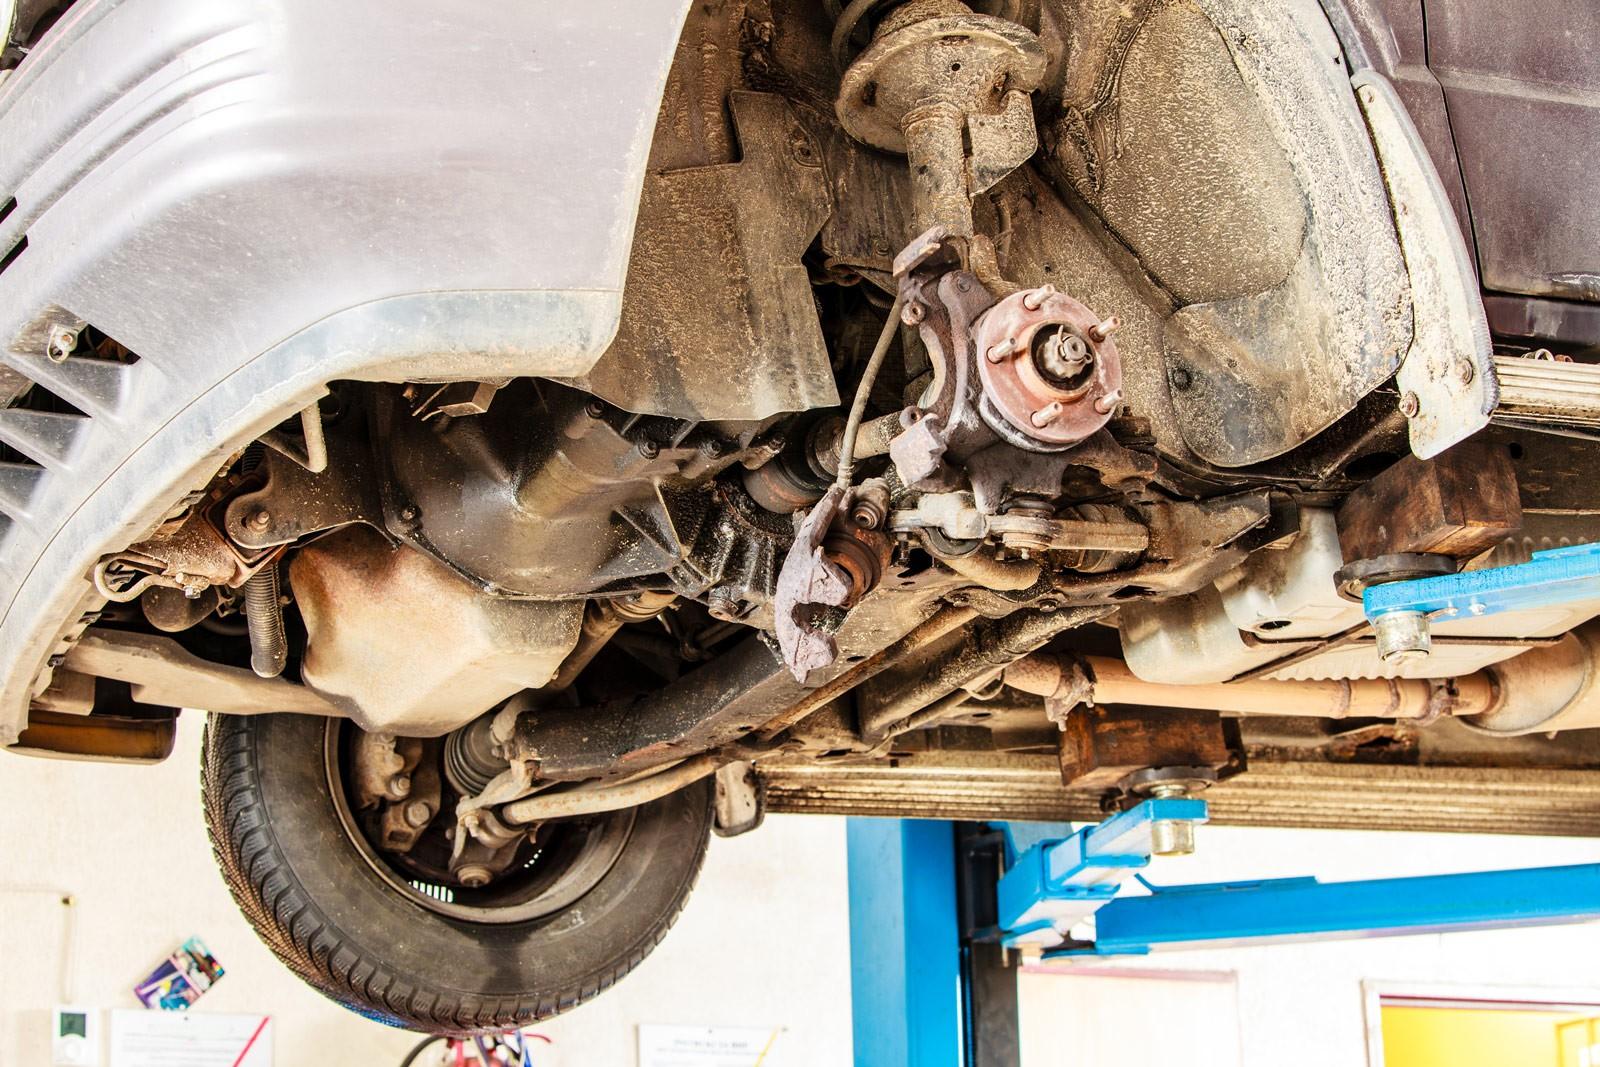 Трясётся и дрожит: почему бьёт руль и что с этим делать авто,авто и мото,автосалон,автосамоделки,водителю на заметку,дтп,машины,ремонт,Россия,советы,тюнинг